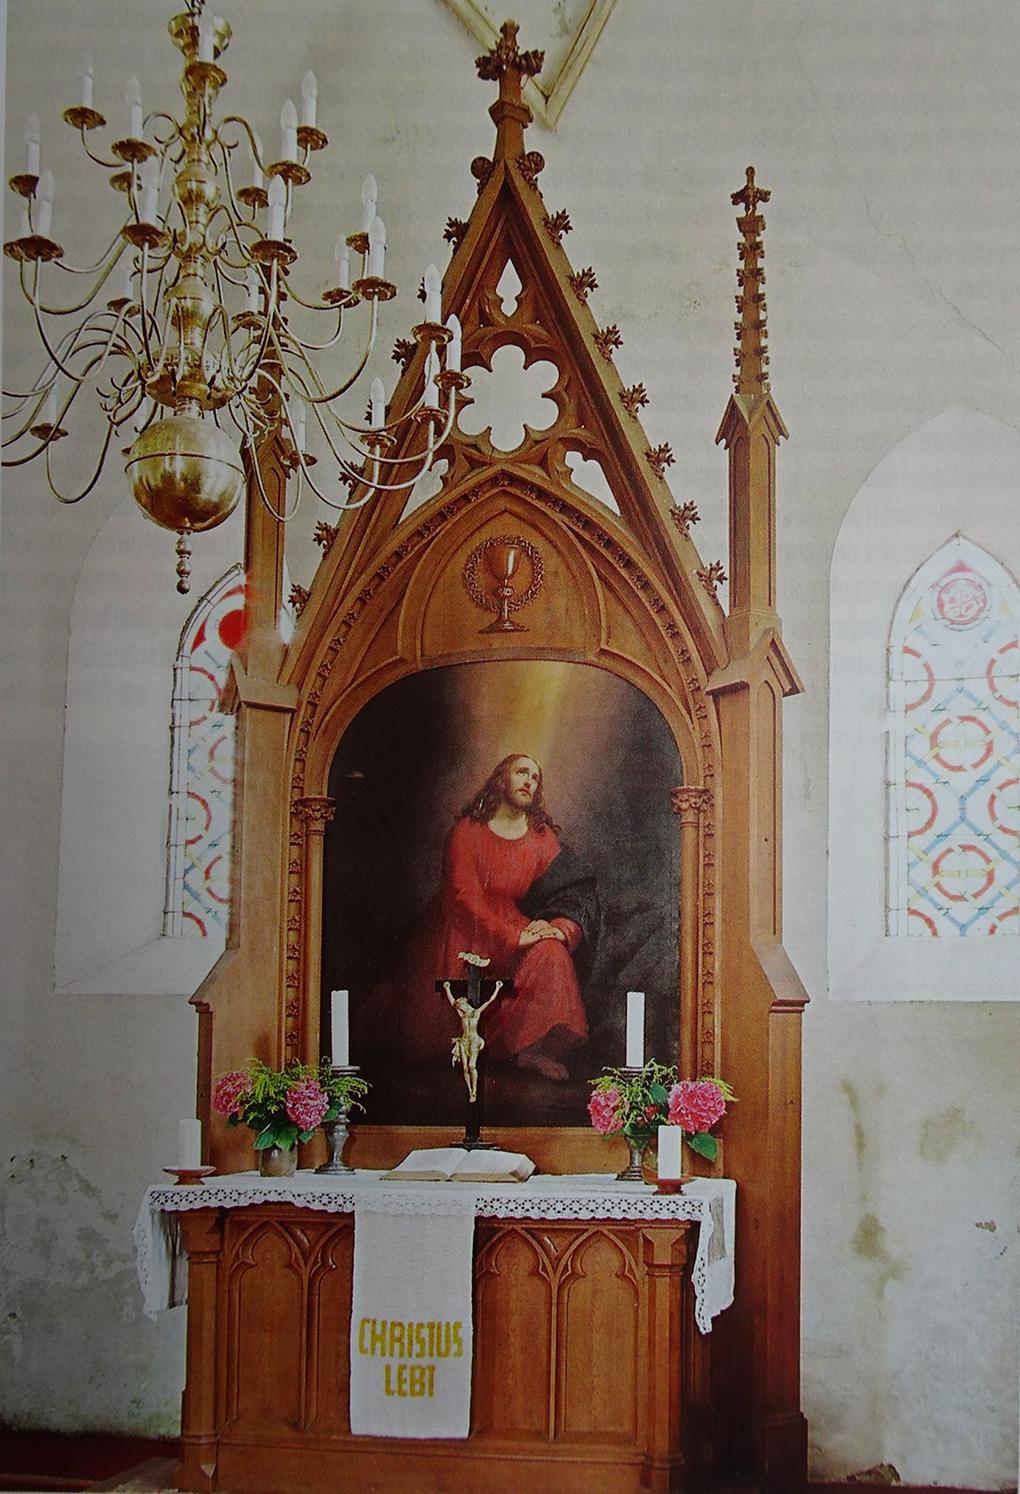 Ludwig Most, Jezus w Ogrodzie Oliwnym, 1868, obraz olejny, kościół w Kartlow, fot. Reinhard Kuhl, reprodukcja w: Pommern. Zeitschrift für Kultur und Geschichte, nr 2/2009, s. 24